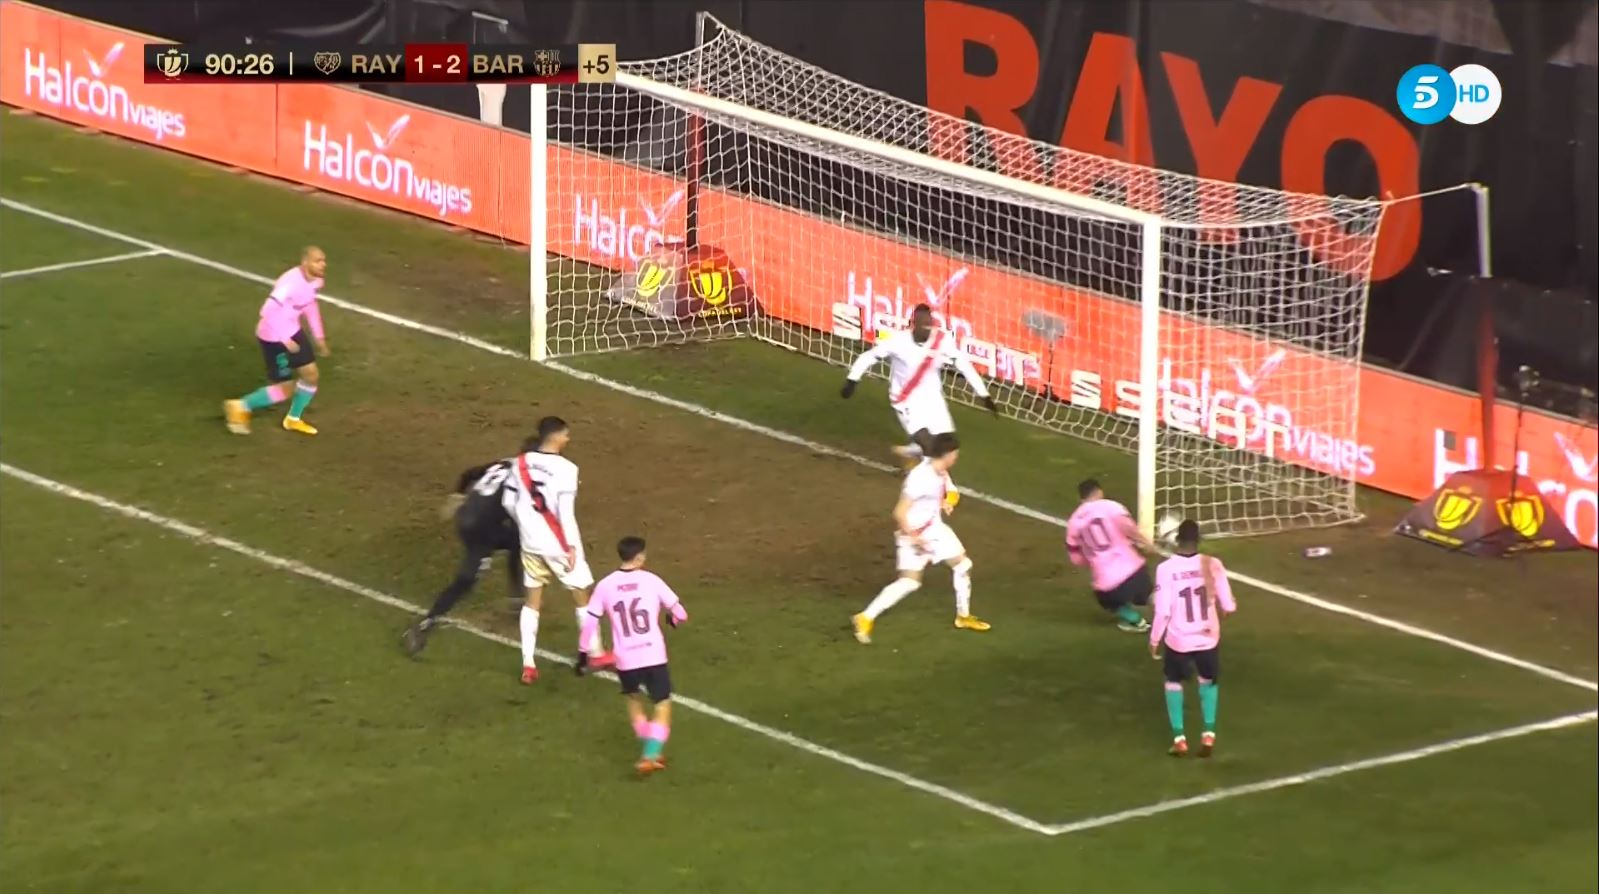 Messi rê bóng qua cả thủ môn nhưng dứt điểm hỏng ăn trước khung thành trống - Ảnh 3.